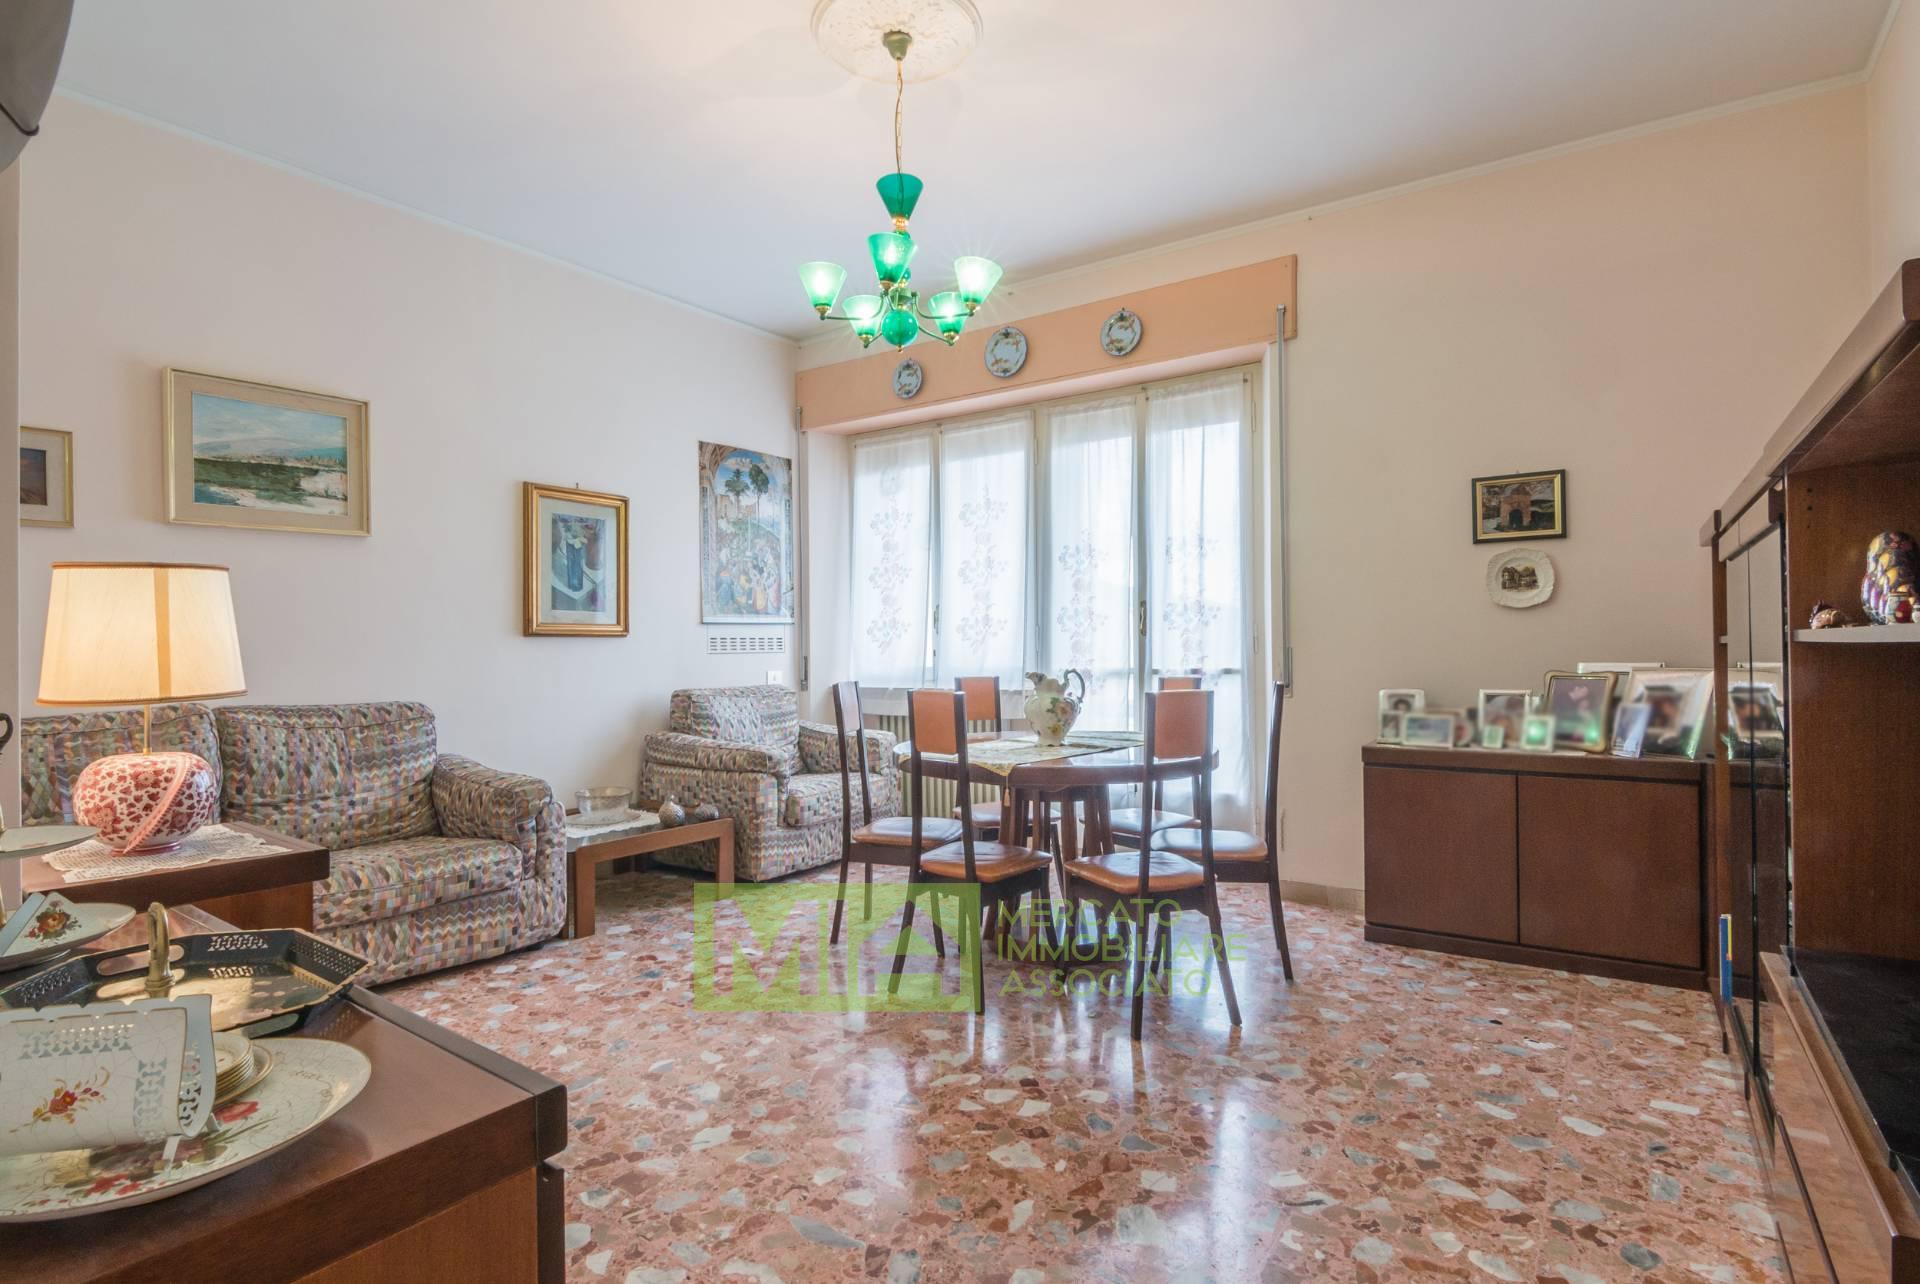 Appartamento in vendita a Cingoli, 7 locali, prezzo € 80.000 | CambioCasa.it